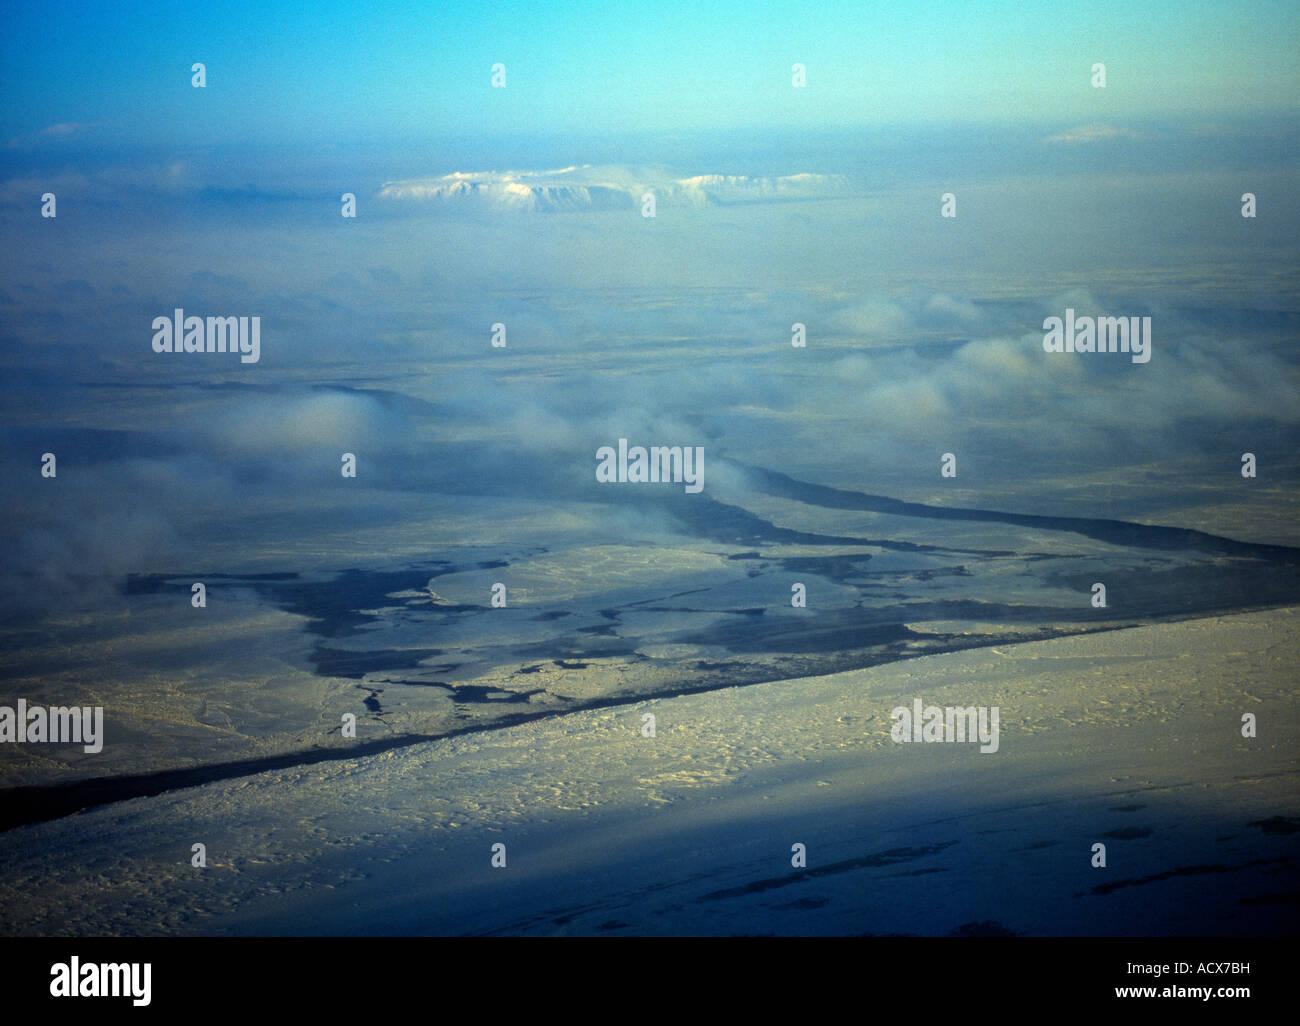 Eine Luftaufnahme der kleinen und großen Diomede Inseln fotografiert an einem kalten, windigen Tag im Januar Stockbild